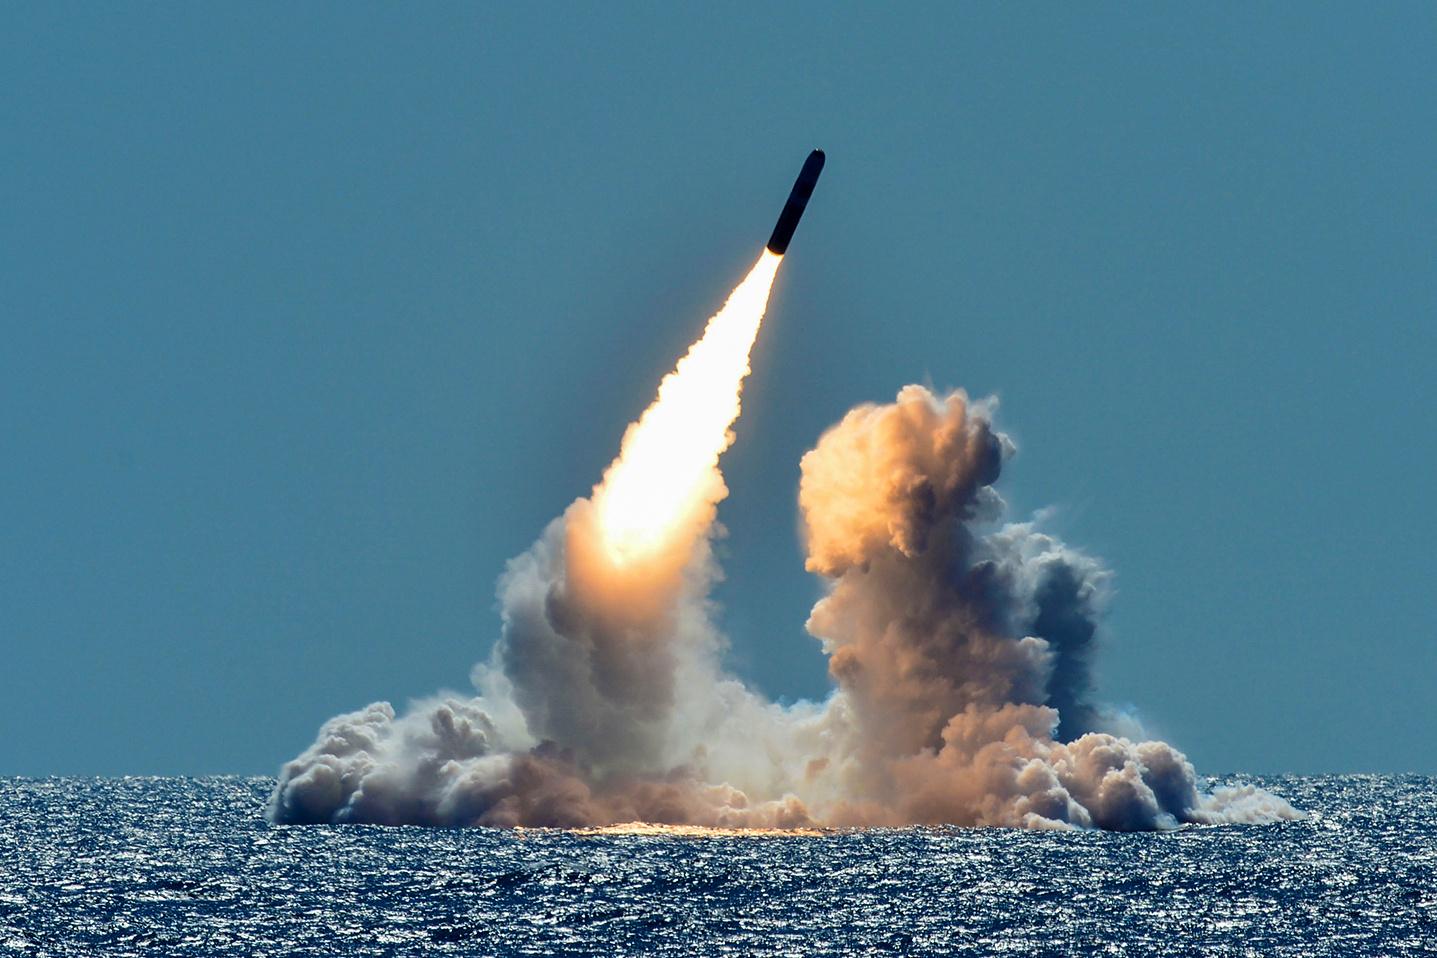 تجربة إطلاق صاروخ Trident II الأمريكي (صورة من الأرشيف)